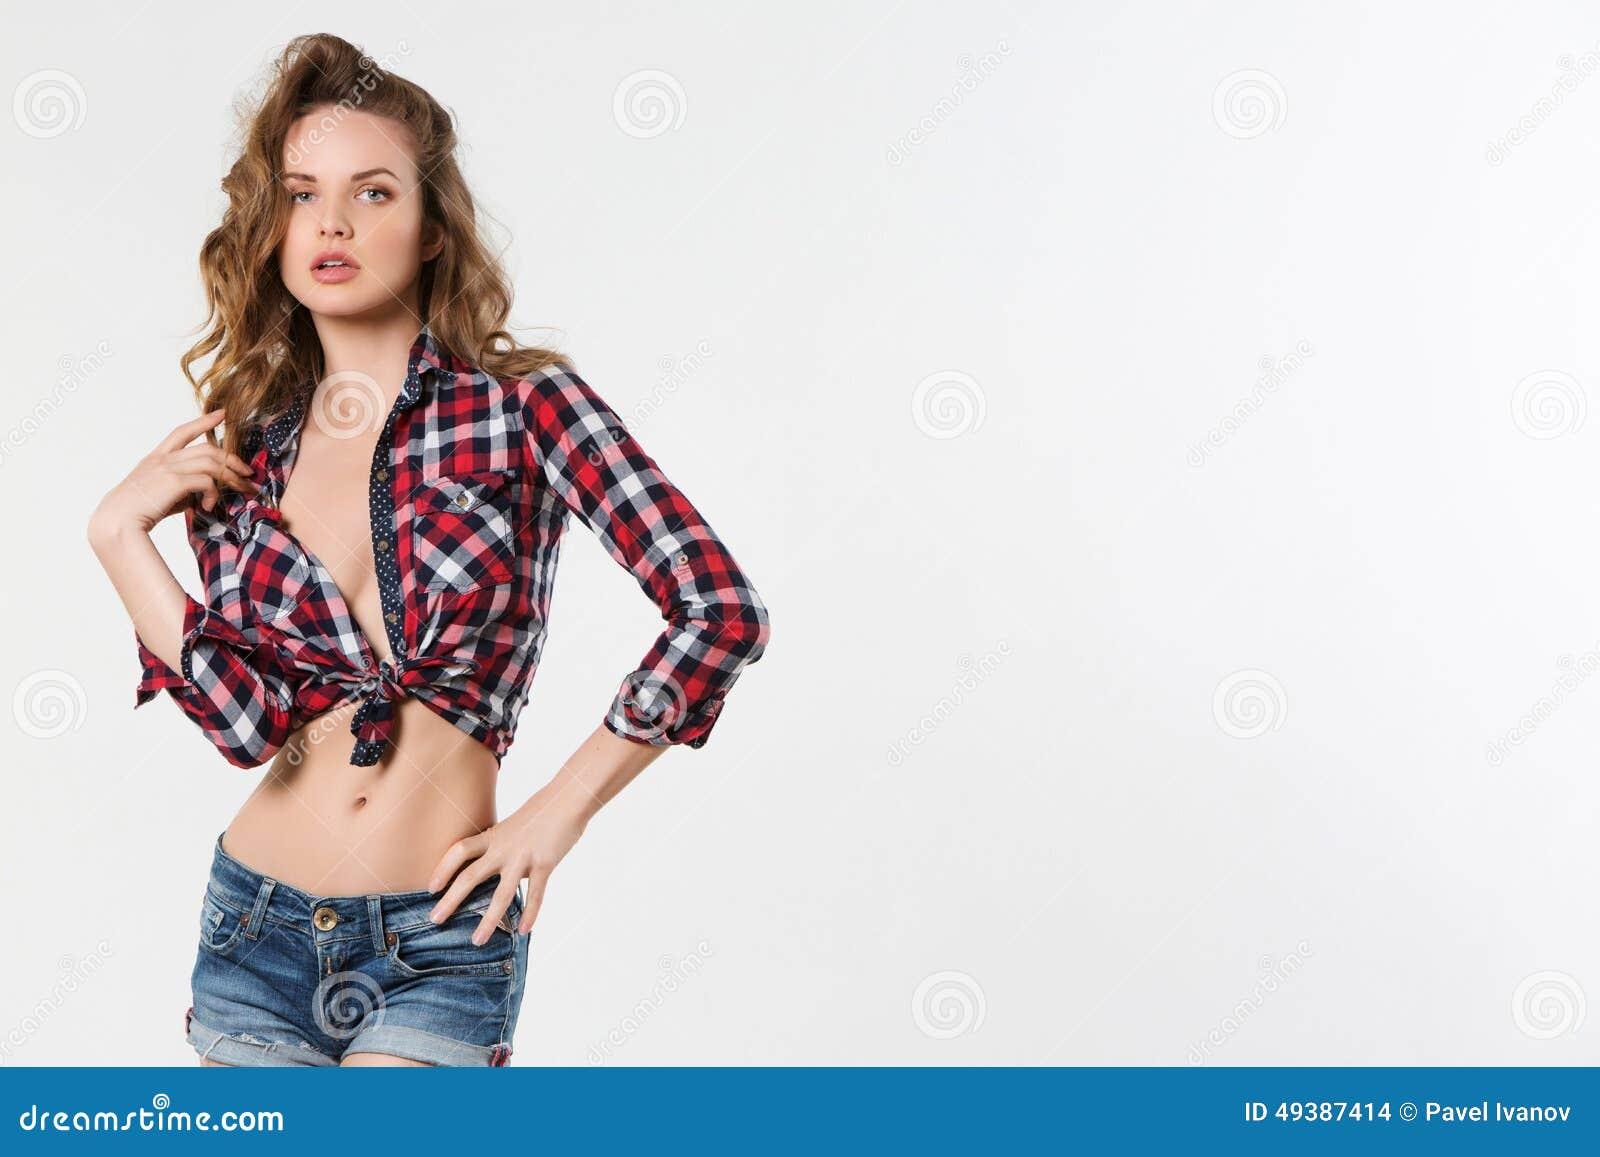 Сексуальные девушки в рубашке фото 622-352